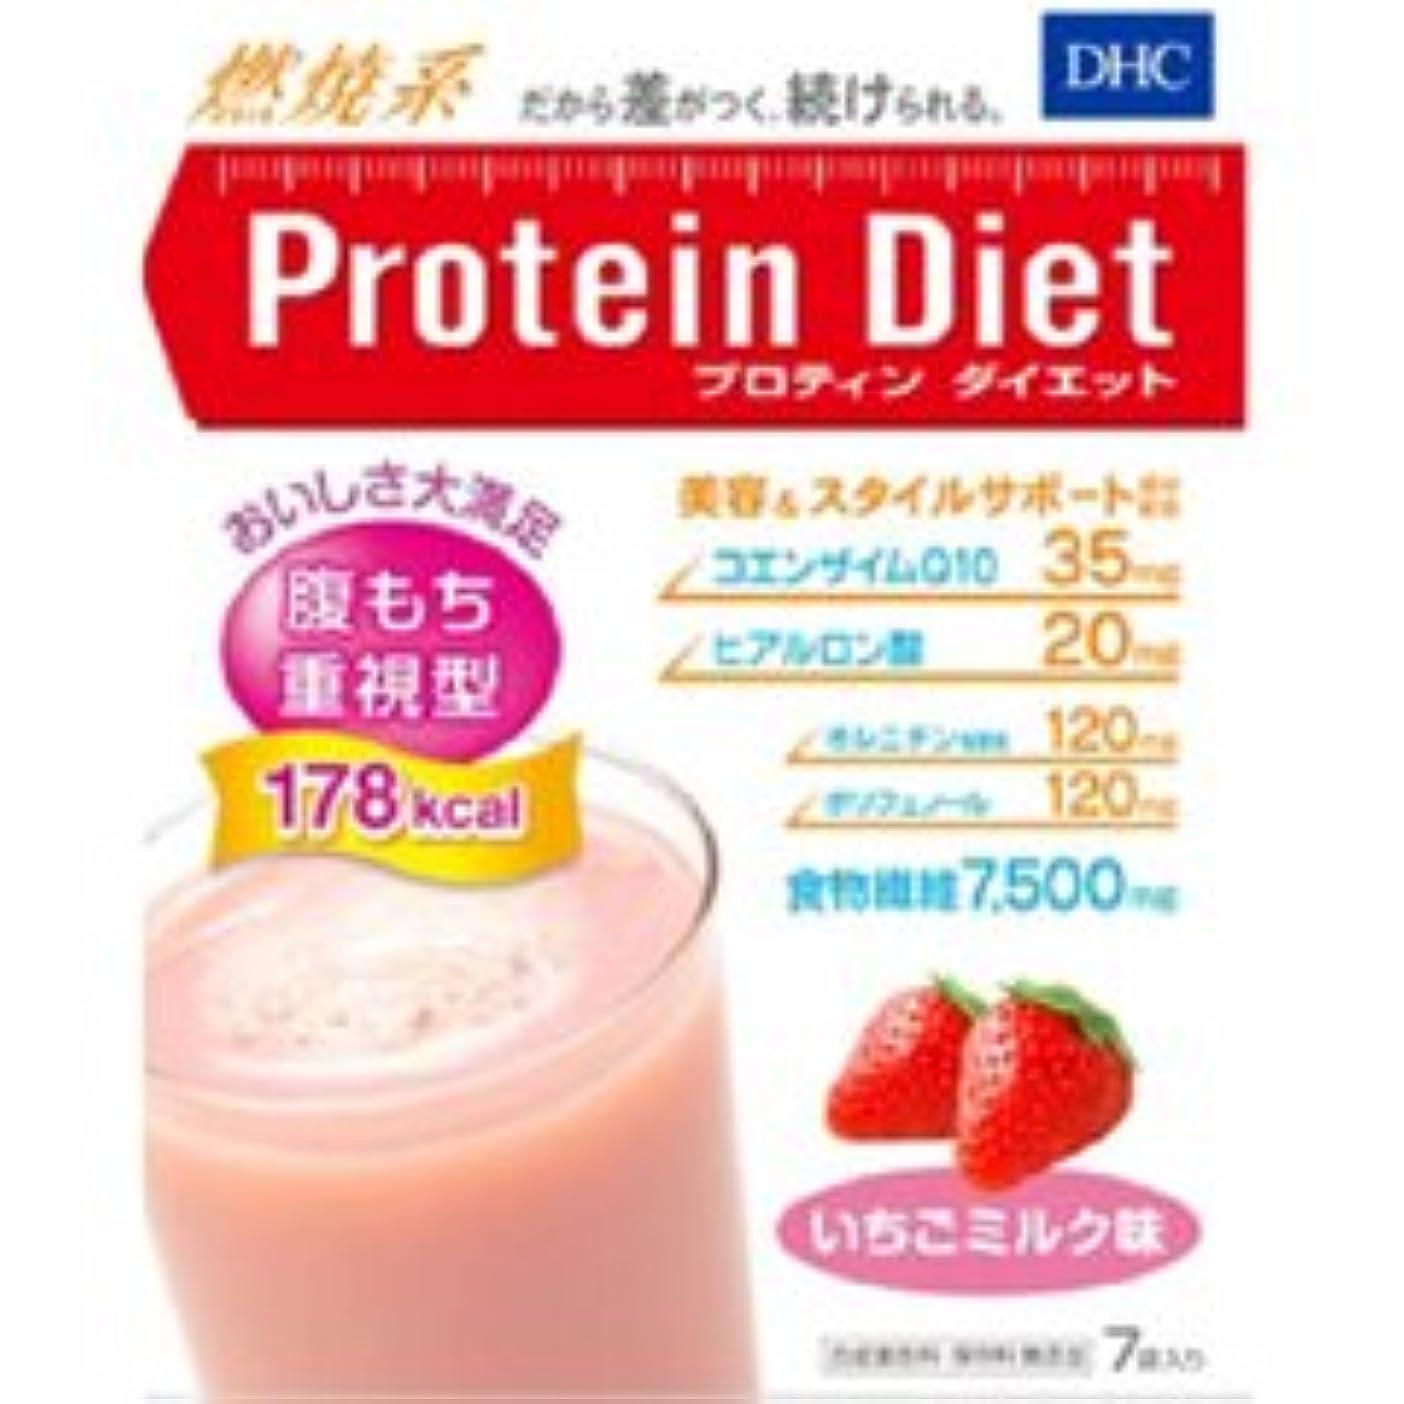 内陸計画合計DHCの健康食品 プロティンダイエット いちごミルク味 50g×7袋 【DHC】